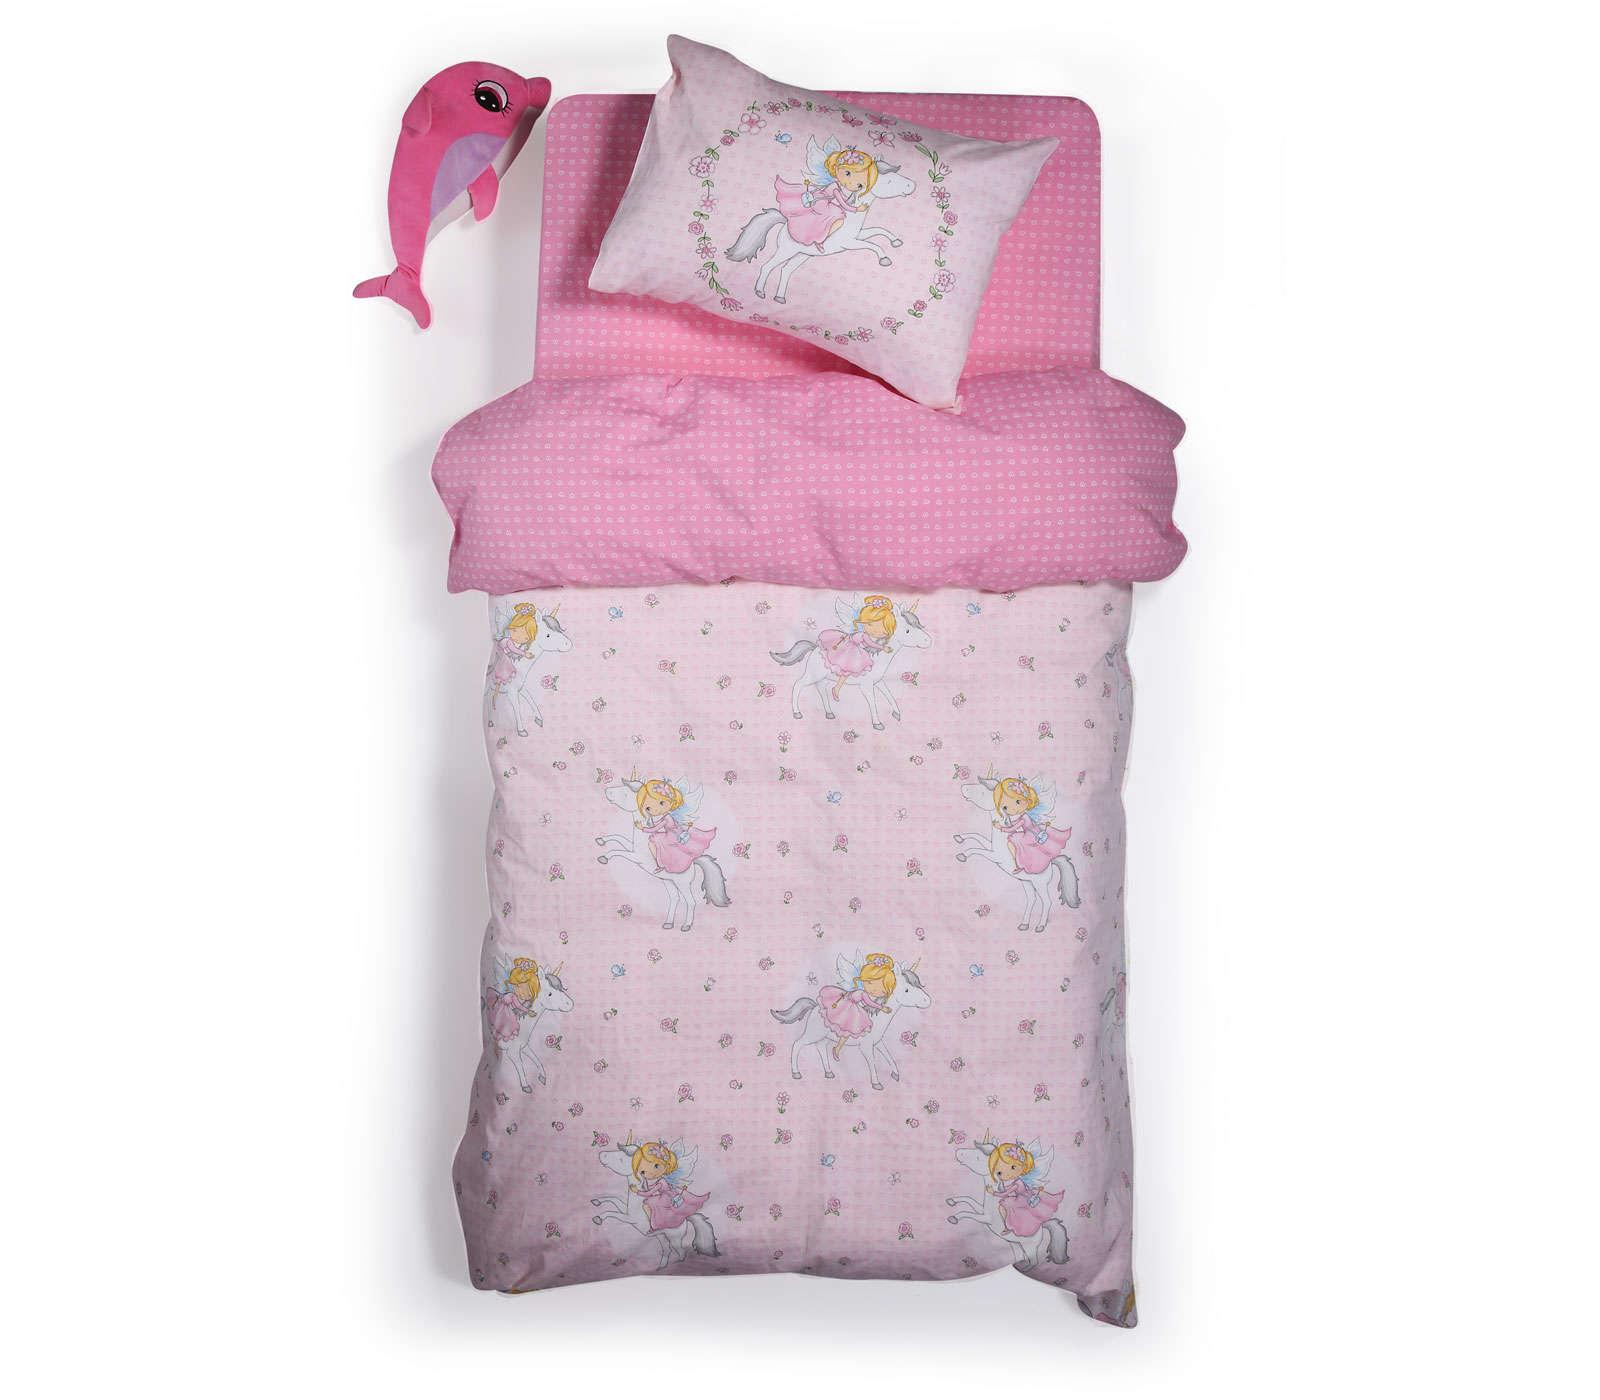 Σεντόνια Παιδικά Σετ I Love My Unicorn Pink Nef Nef Μονό 160x260cm